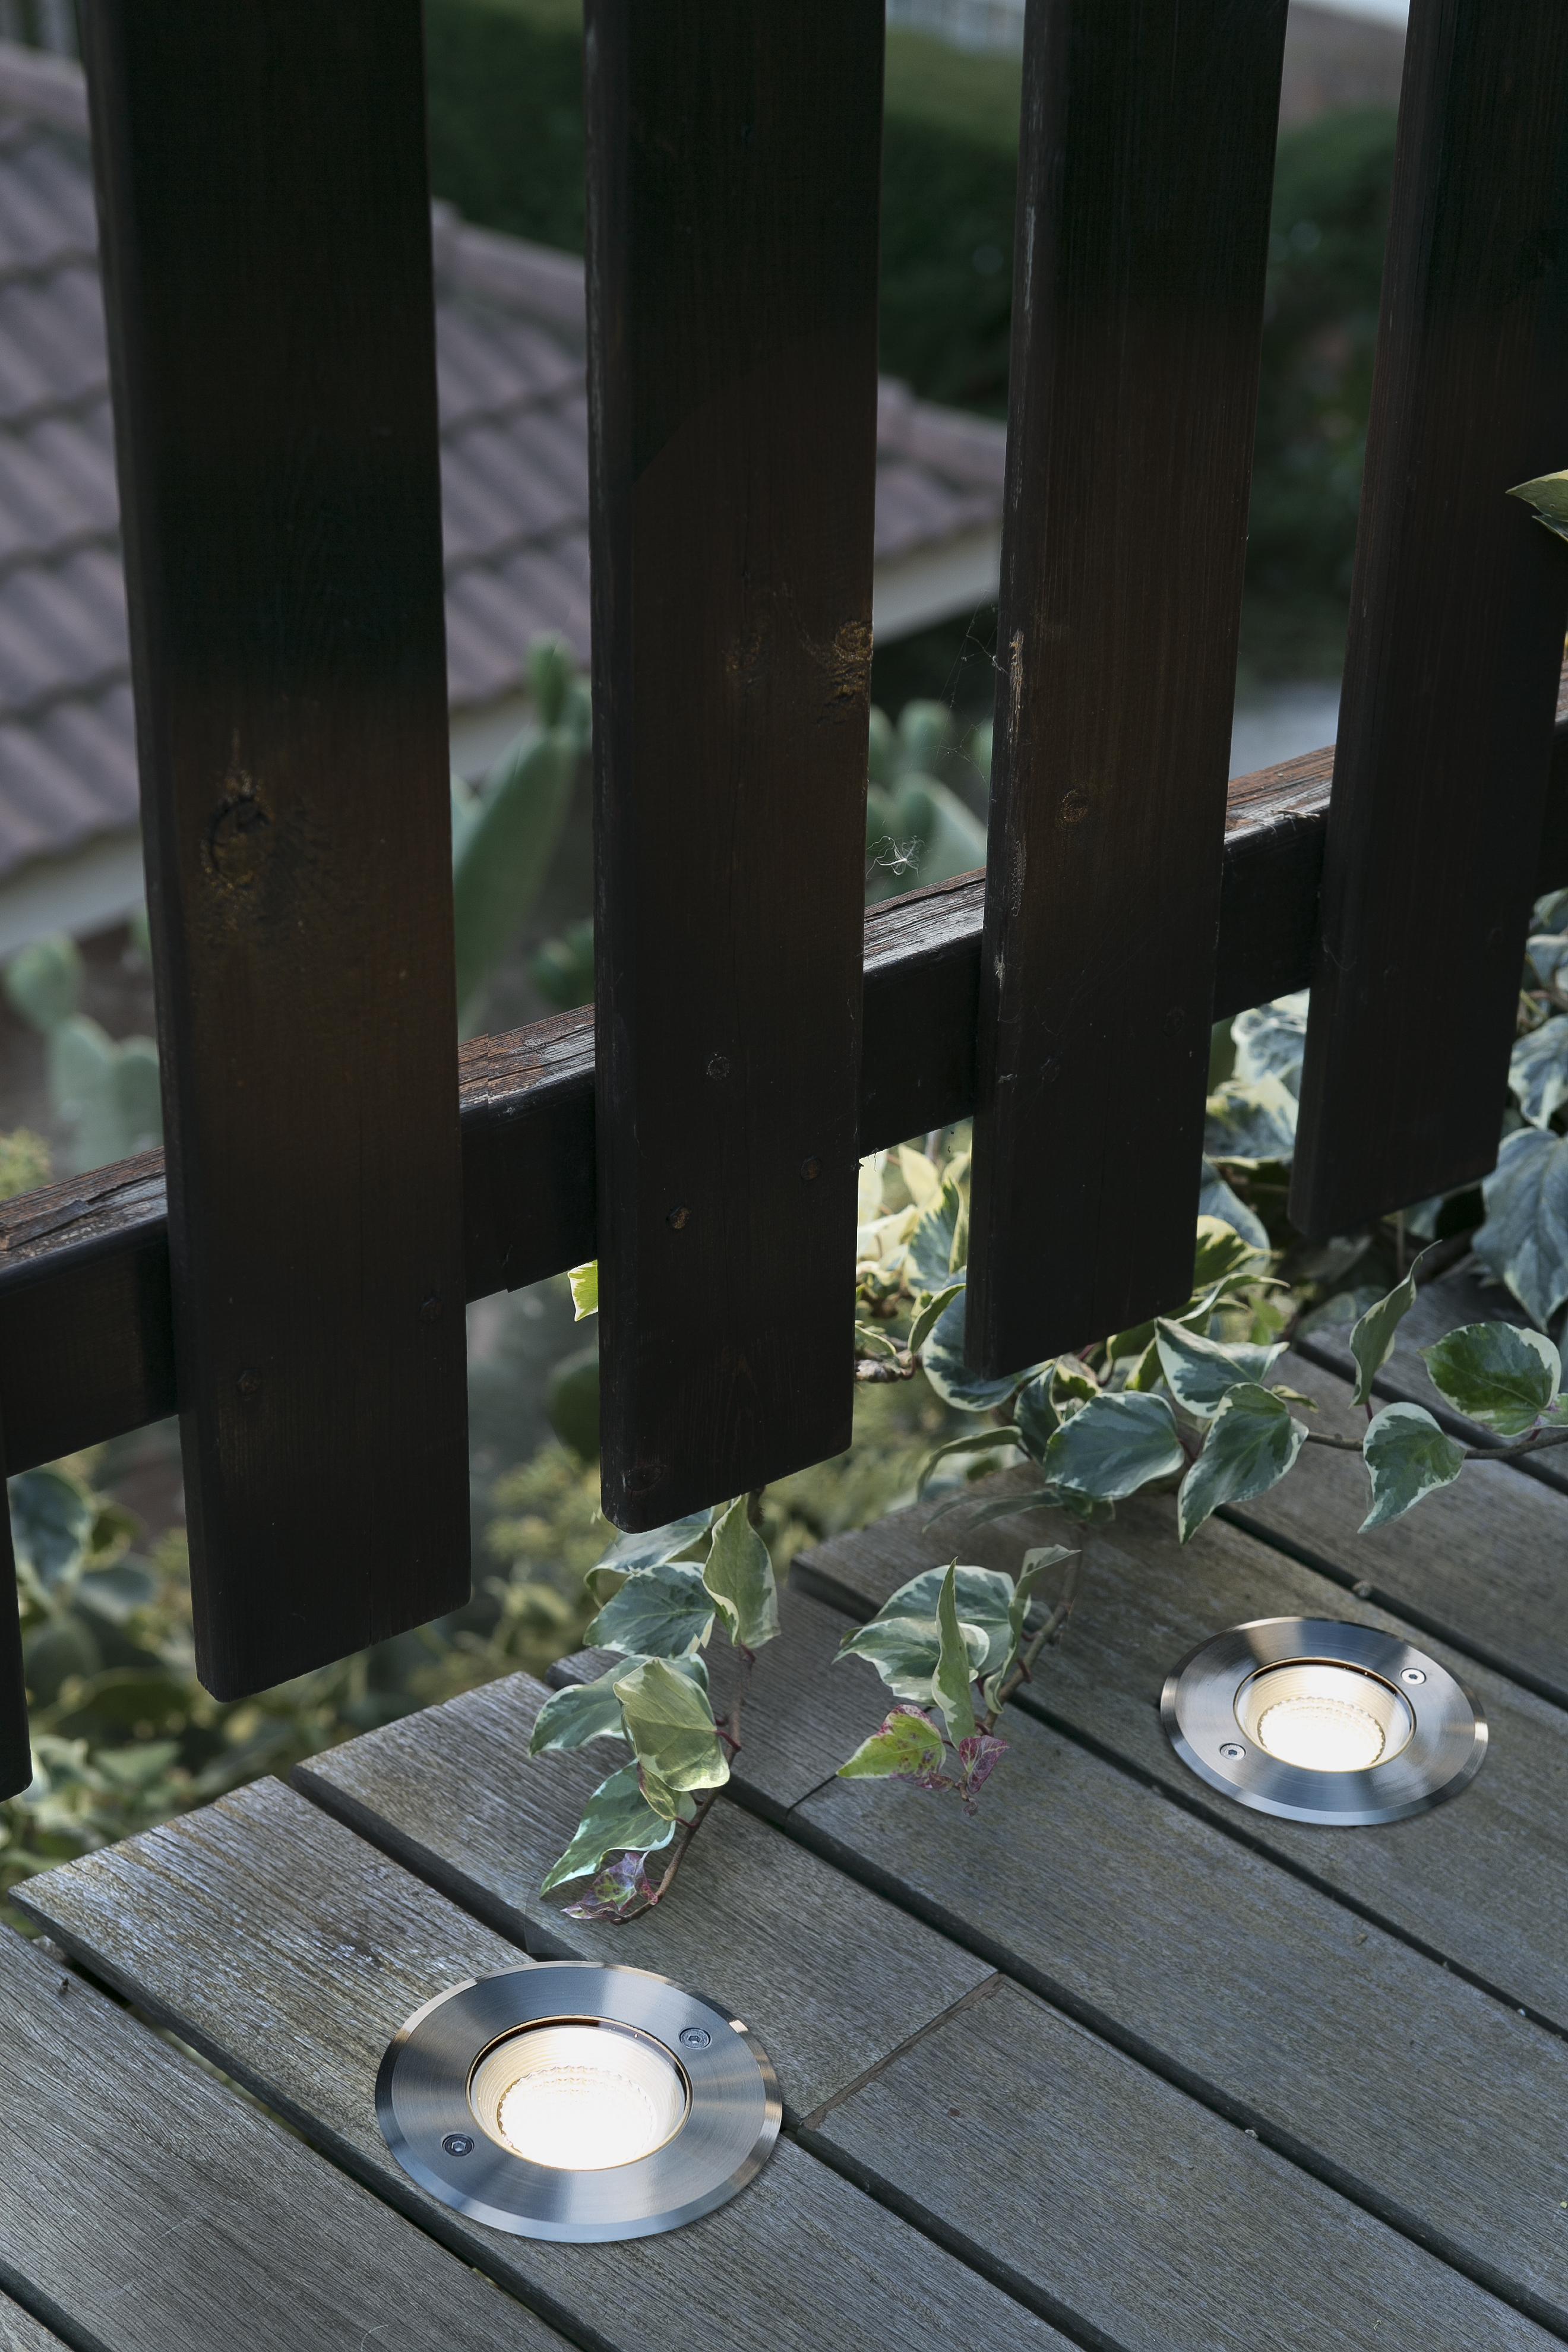 Conseils et astuces pour installer des spots encastrés sur une terrasse